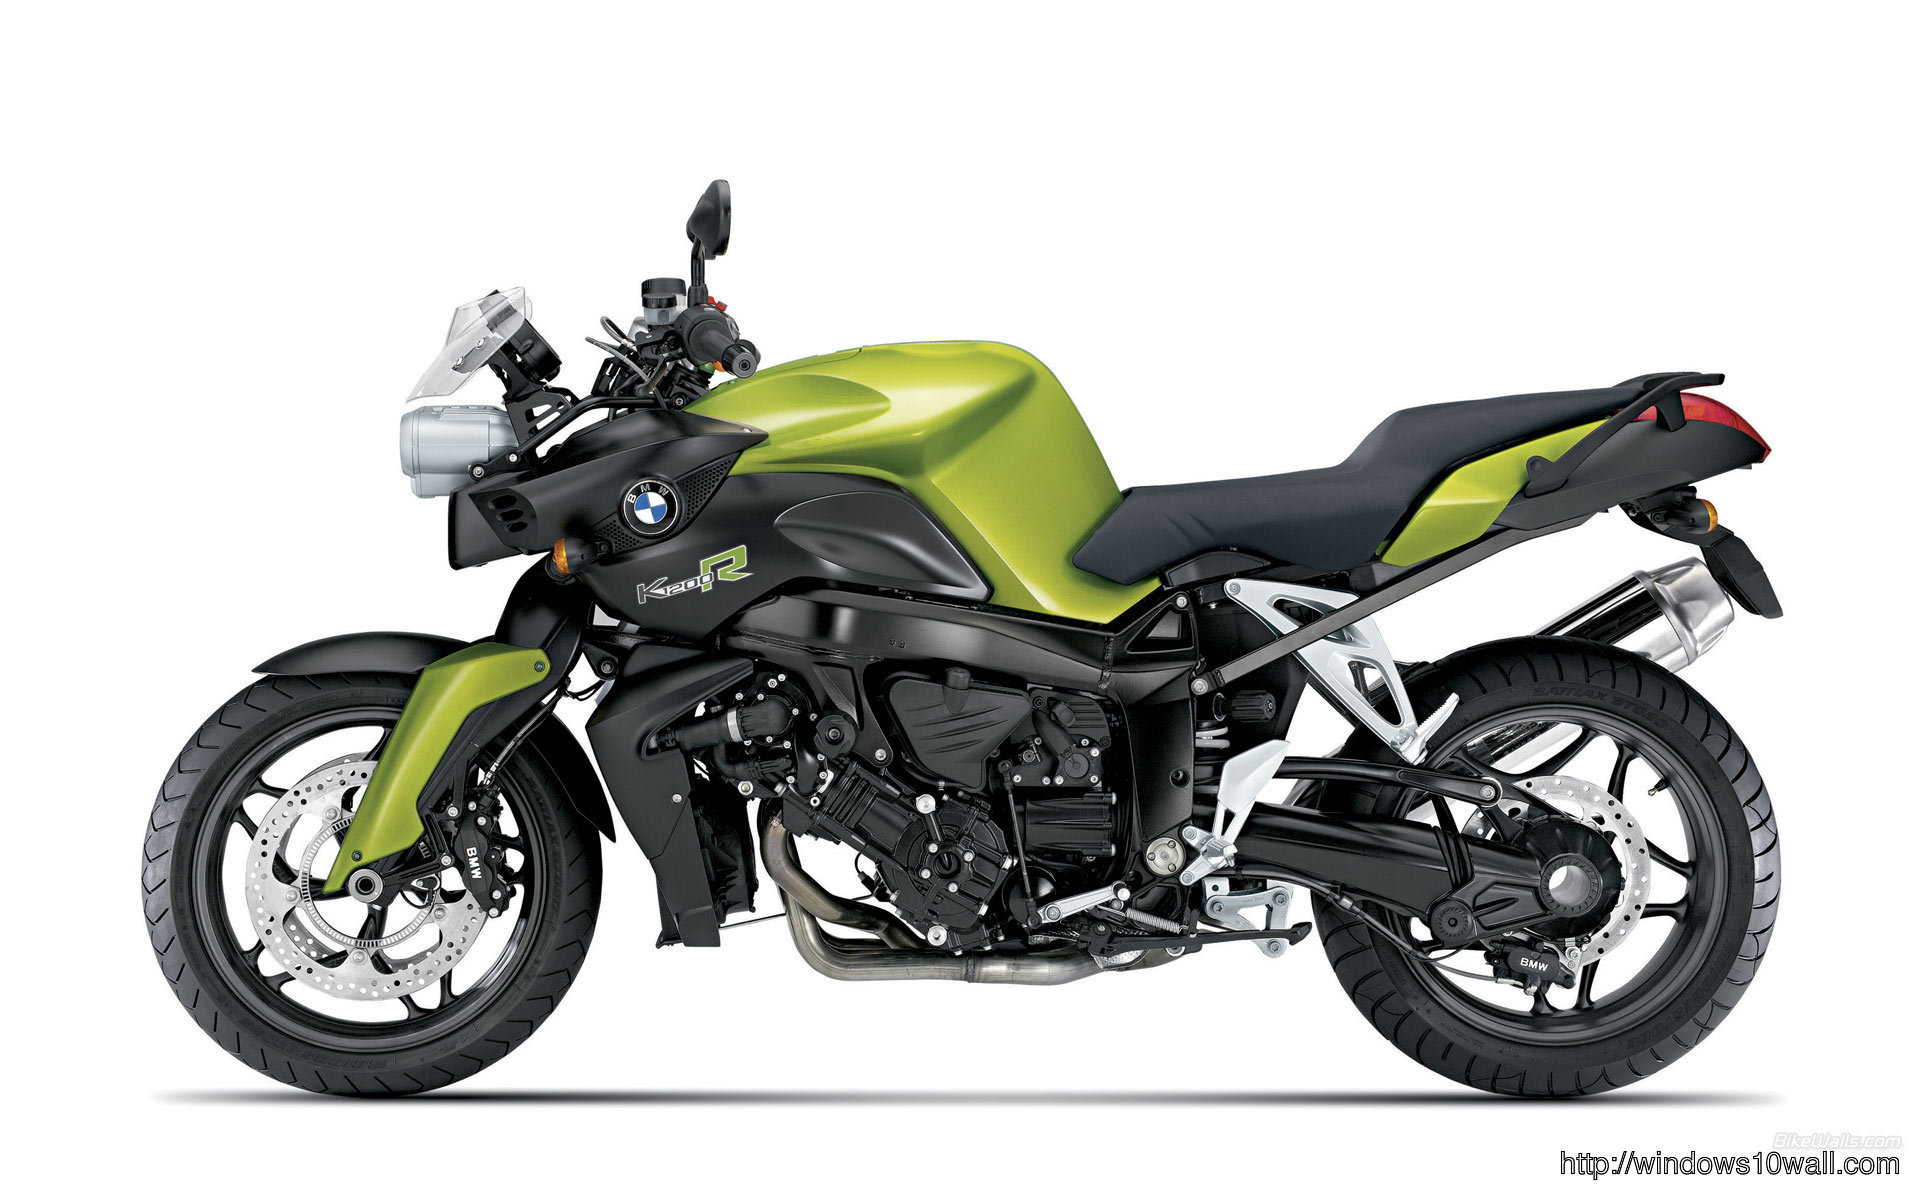 Bmw-K-1200-R-2008-Green-Bike-Wallpaper